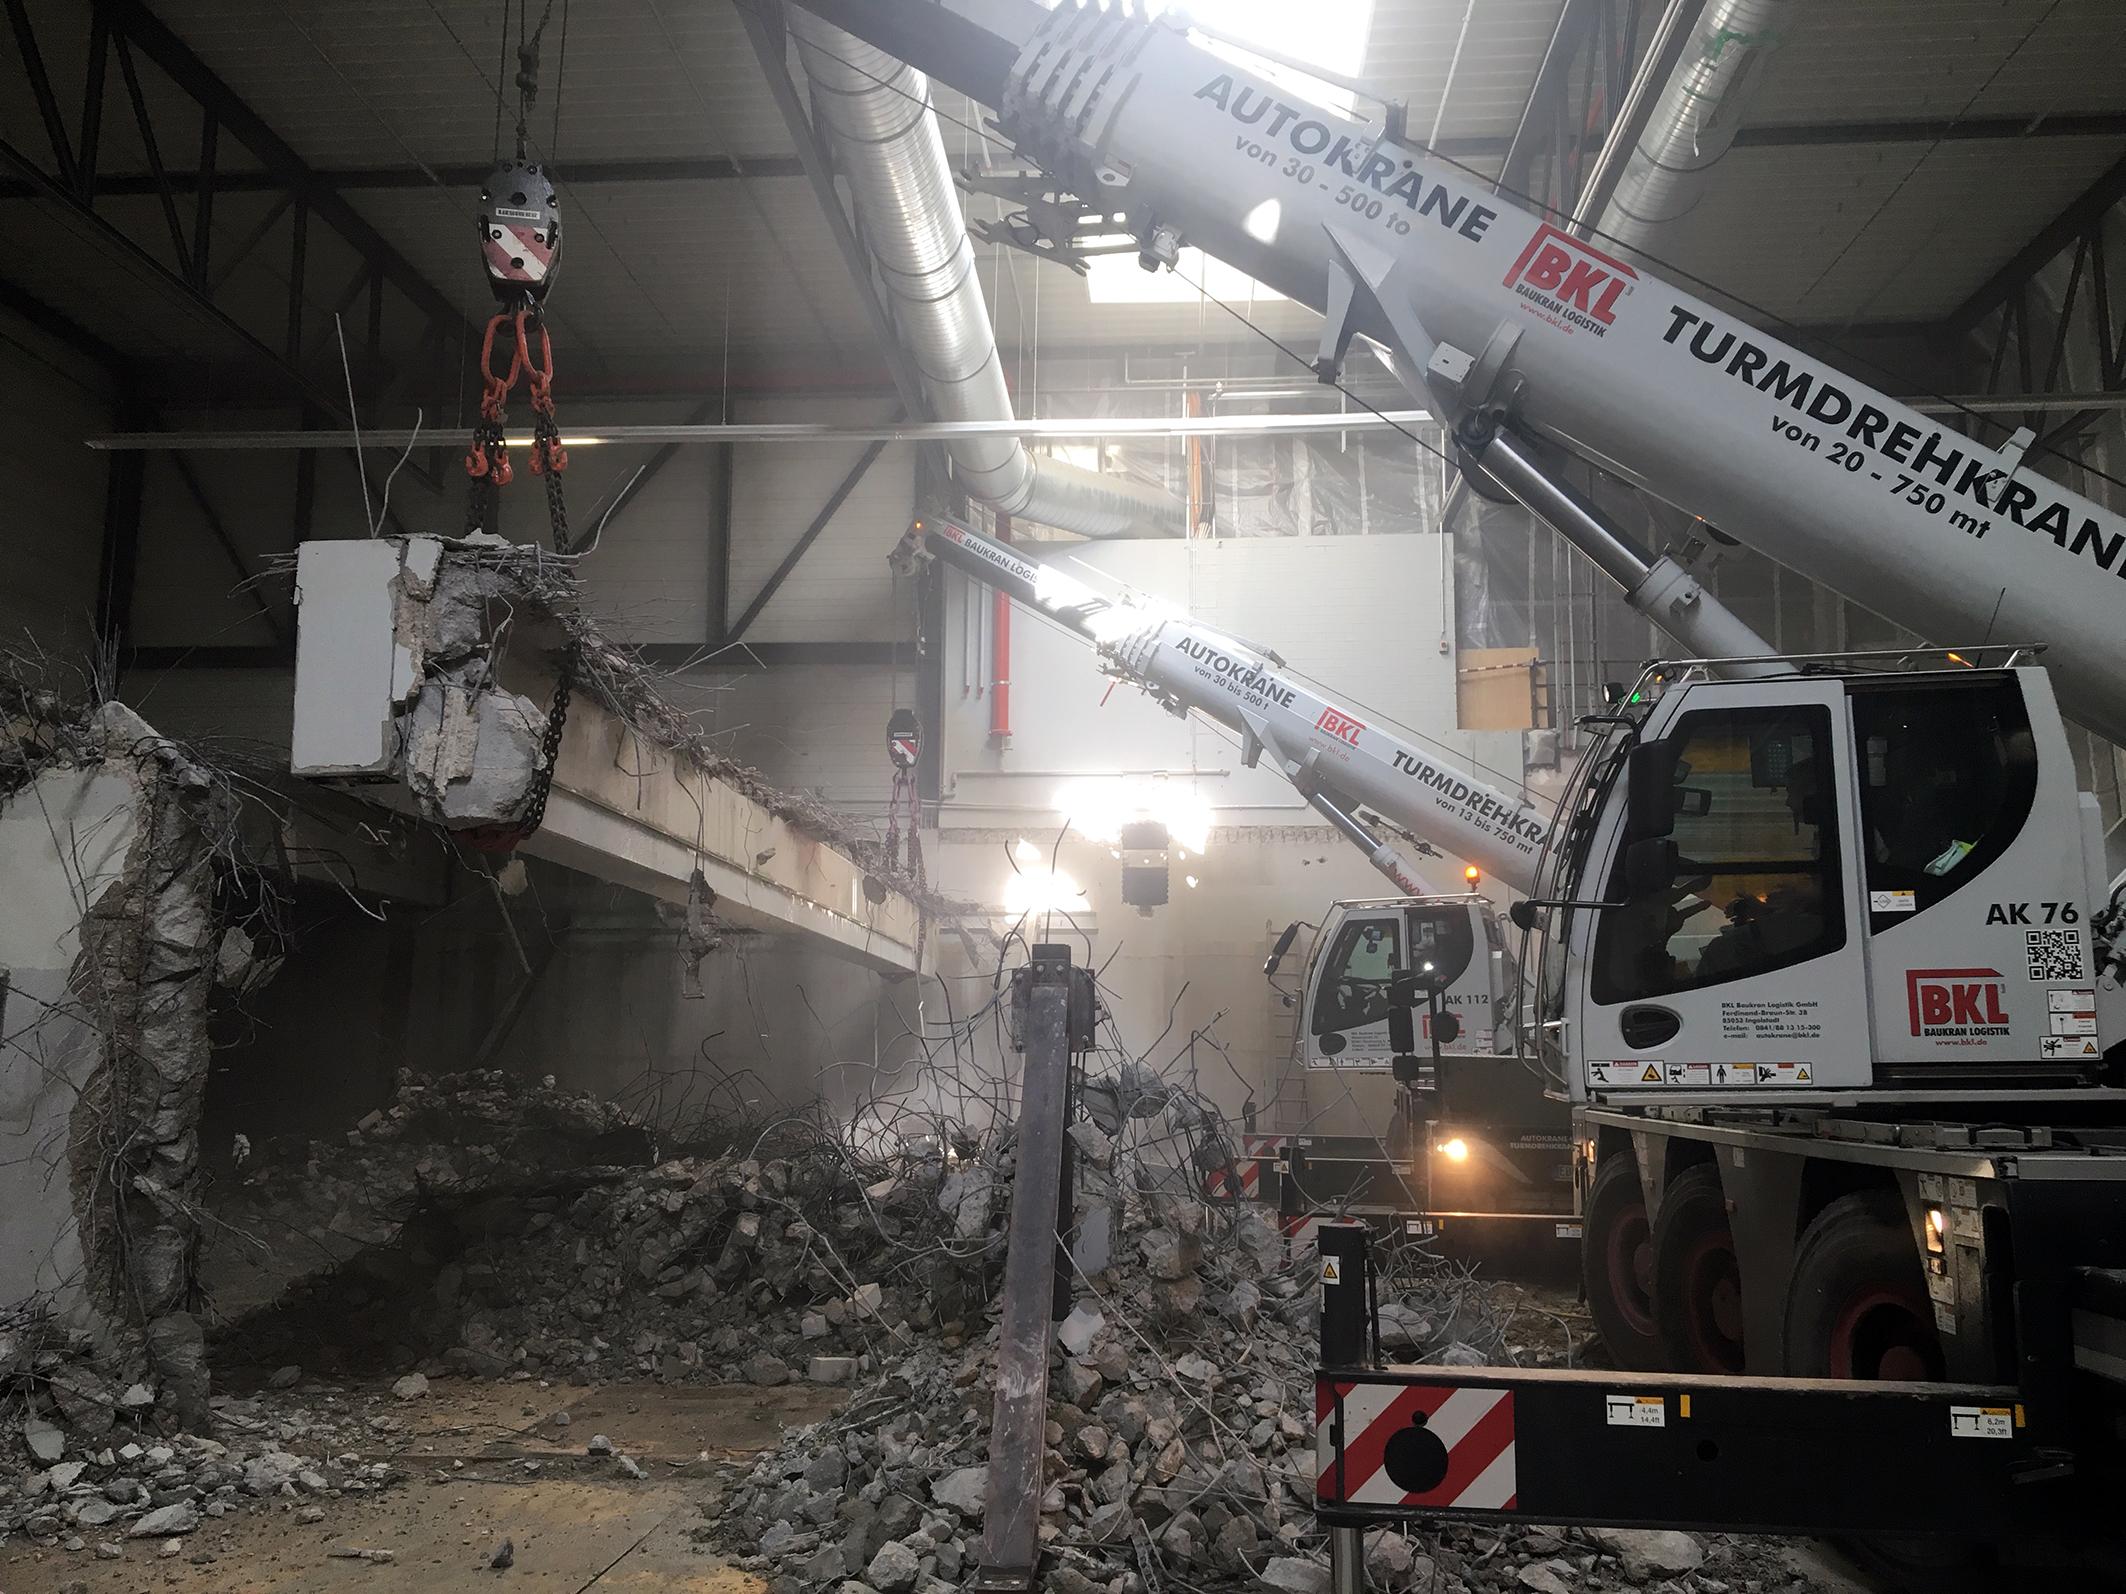 Die zwei Autokrane von BKL haben den 22 Tonnen schweren Binder im Tandemhub am Haken. Der LTC 1045-3.1 (vorne im Bild) und der LTC 1050-3.1 heben jeweils 11 Tonnen. Bildquelle: BKL Baukran Logistik GmbH